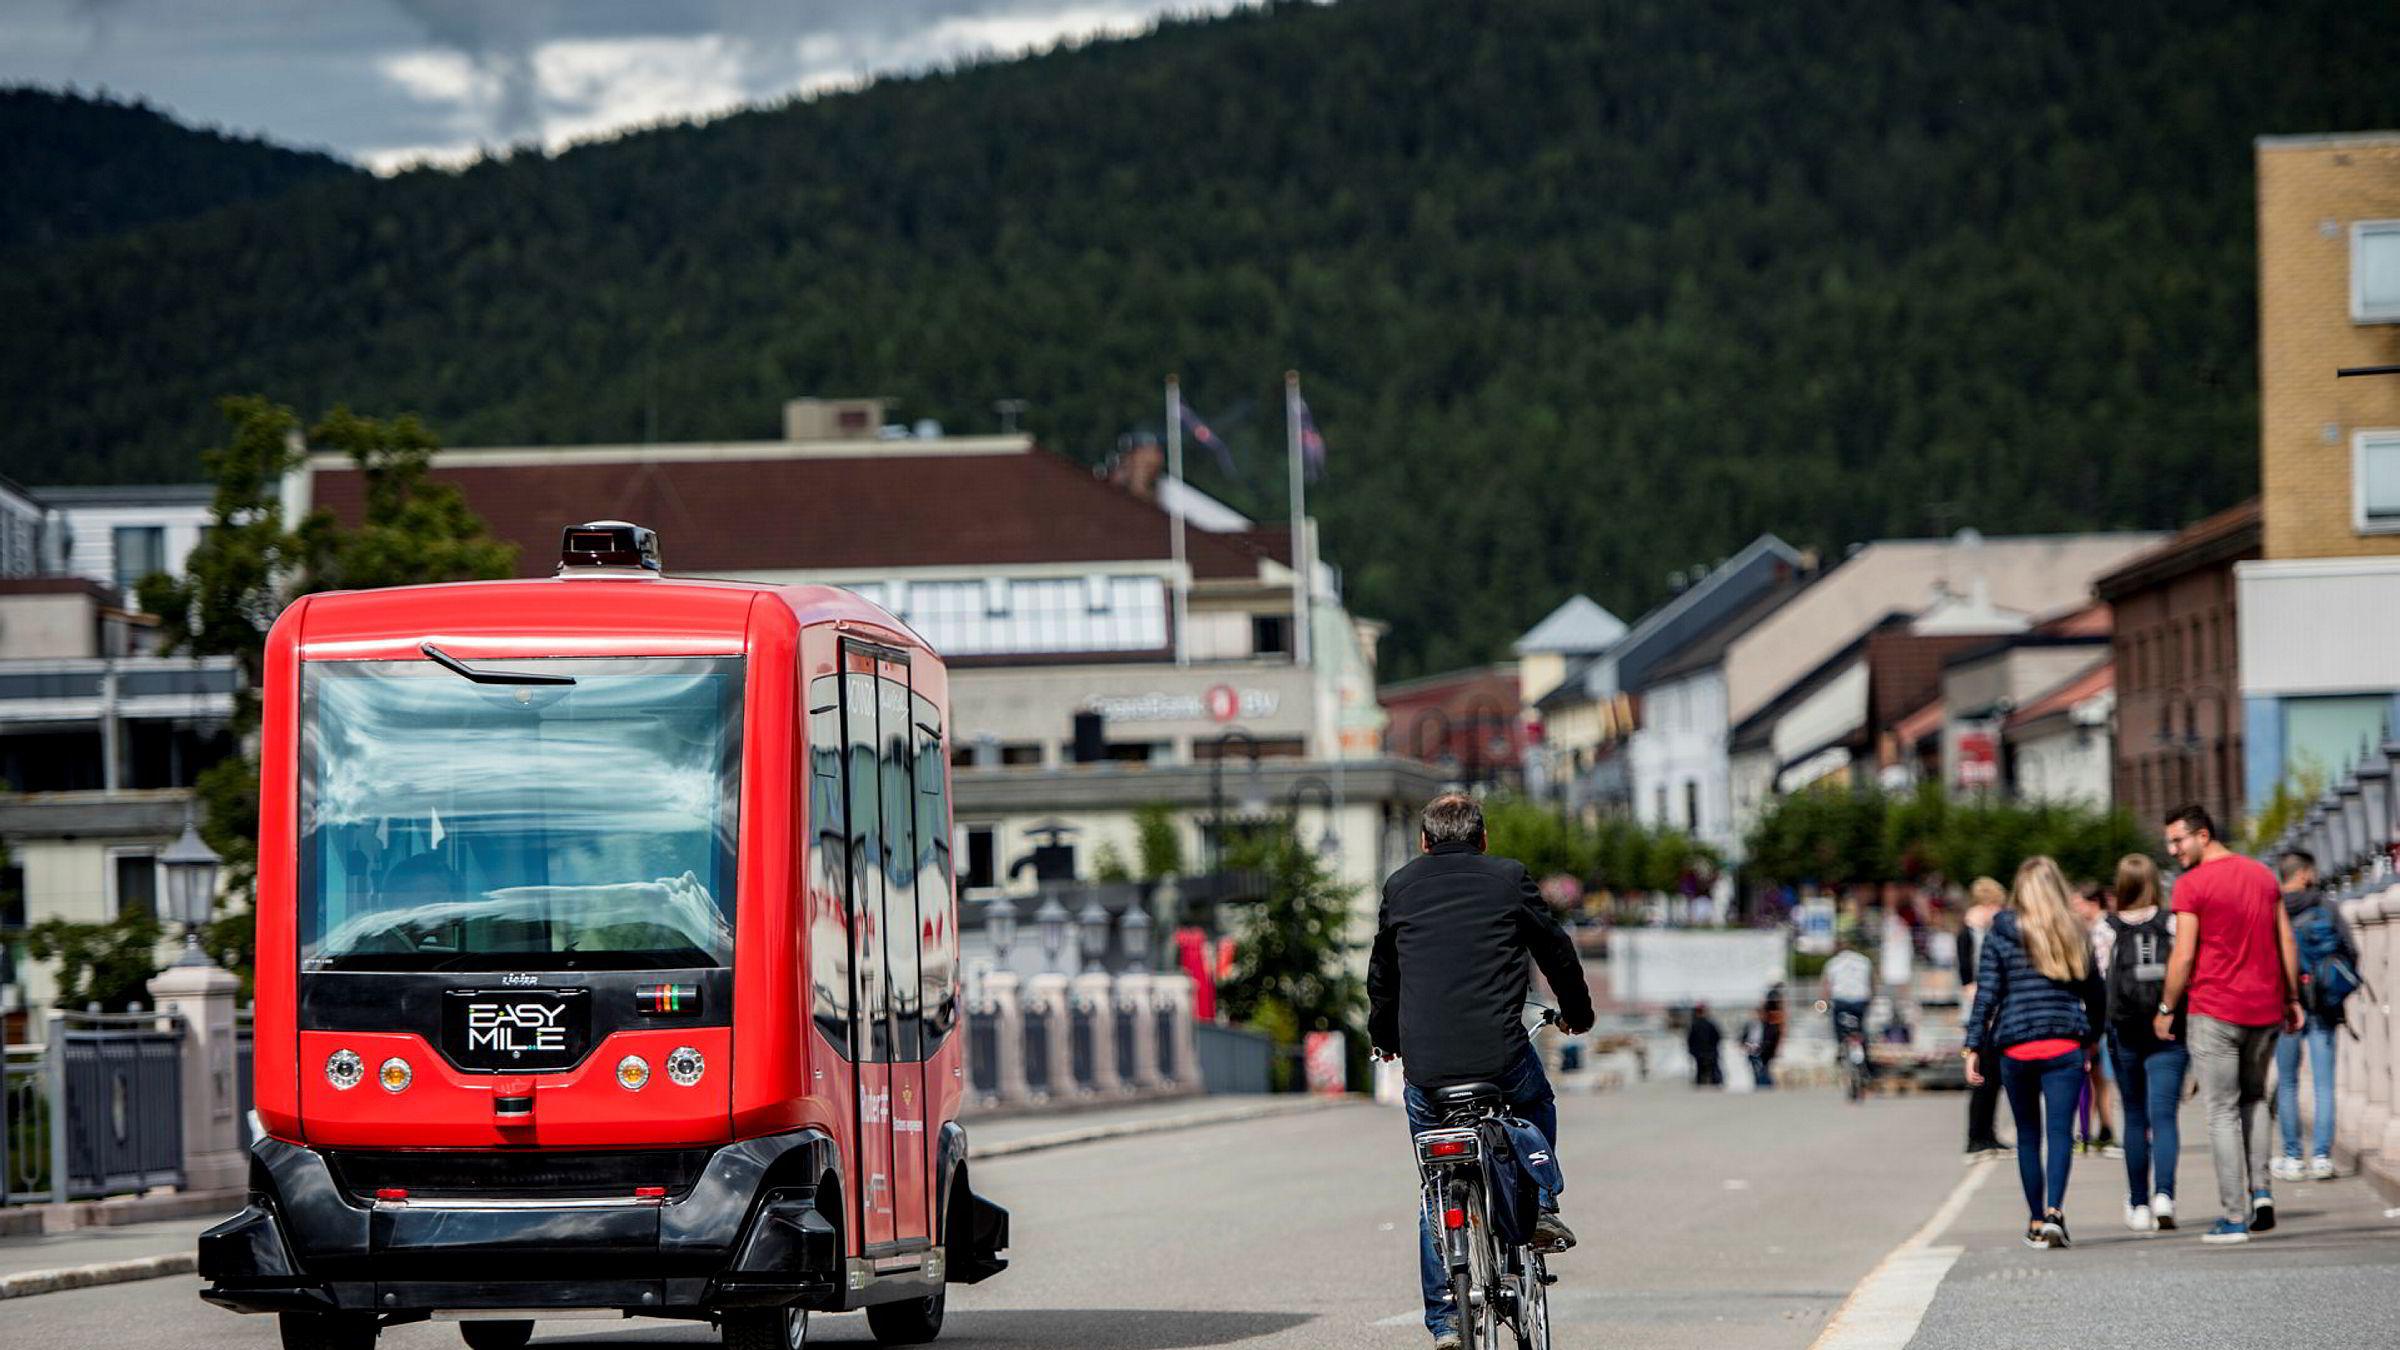 Den selvkjørende bussen EZ10 er en franskprodusert selvkjørende elektrisk minibuss, den skal gå en prøverute i Kongsberg fra neste år hvis loven åpner opp for det. Teknologien for selvkjørende biler og busser er kommet langt. Både i Oslo og Kongsberg er selskaper klare til å teste selvkjørende busser hvis det blir lov.